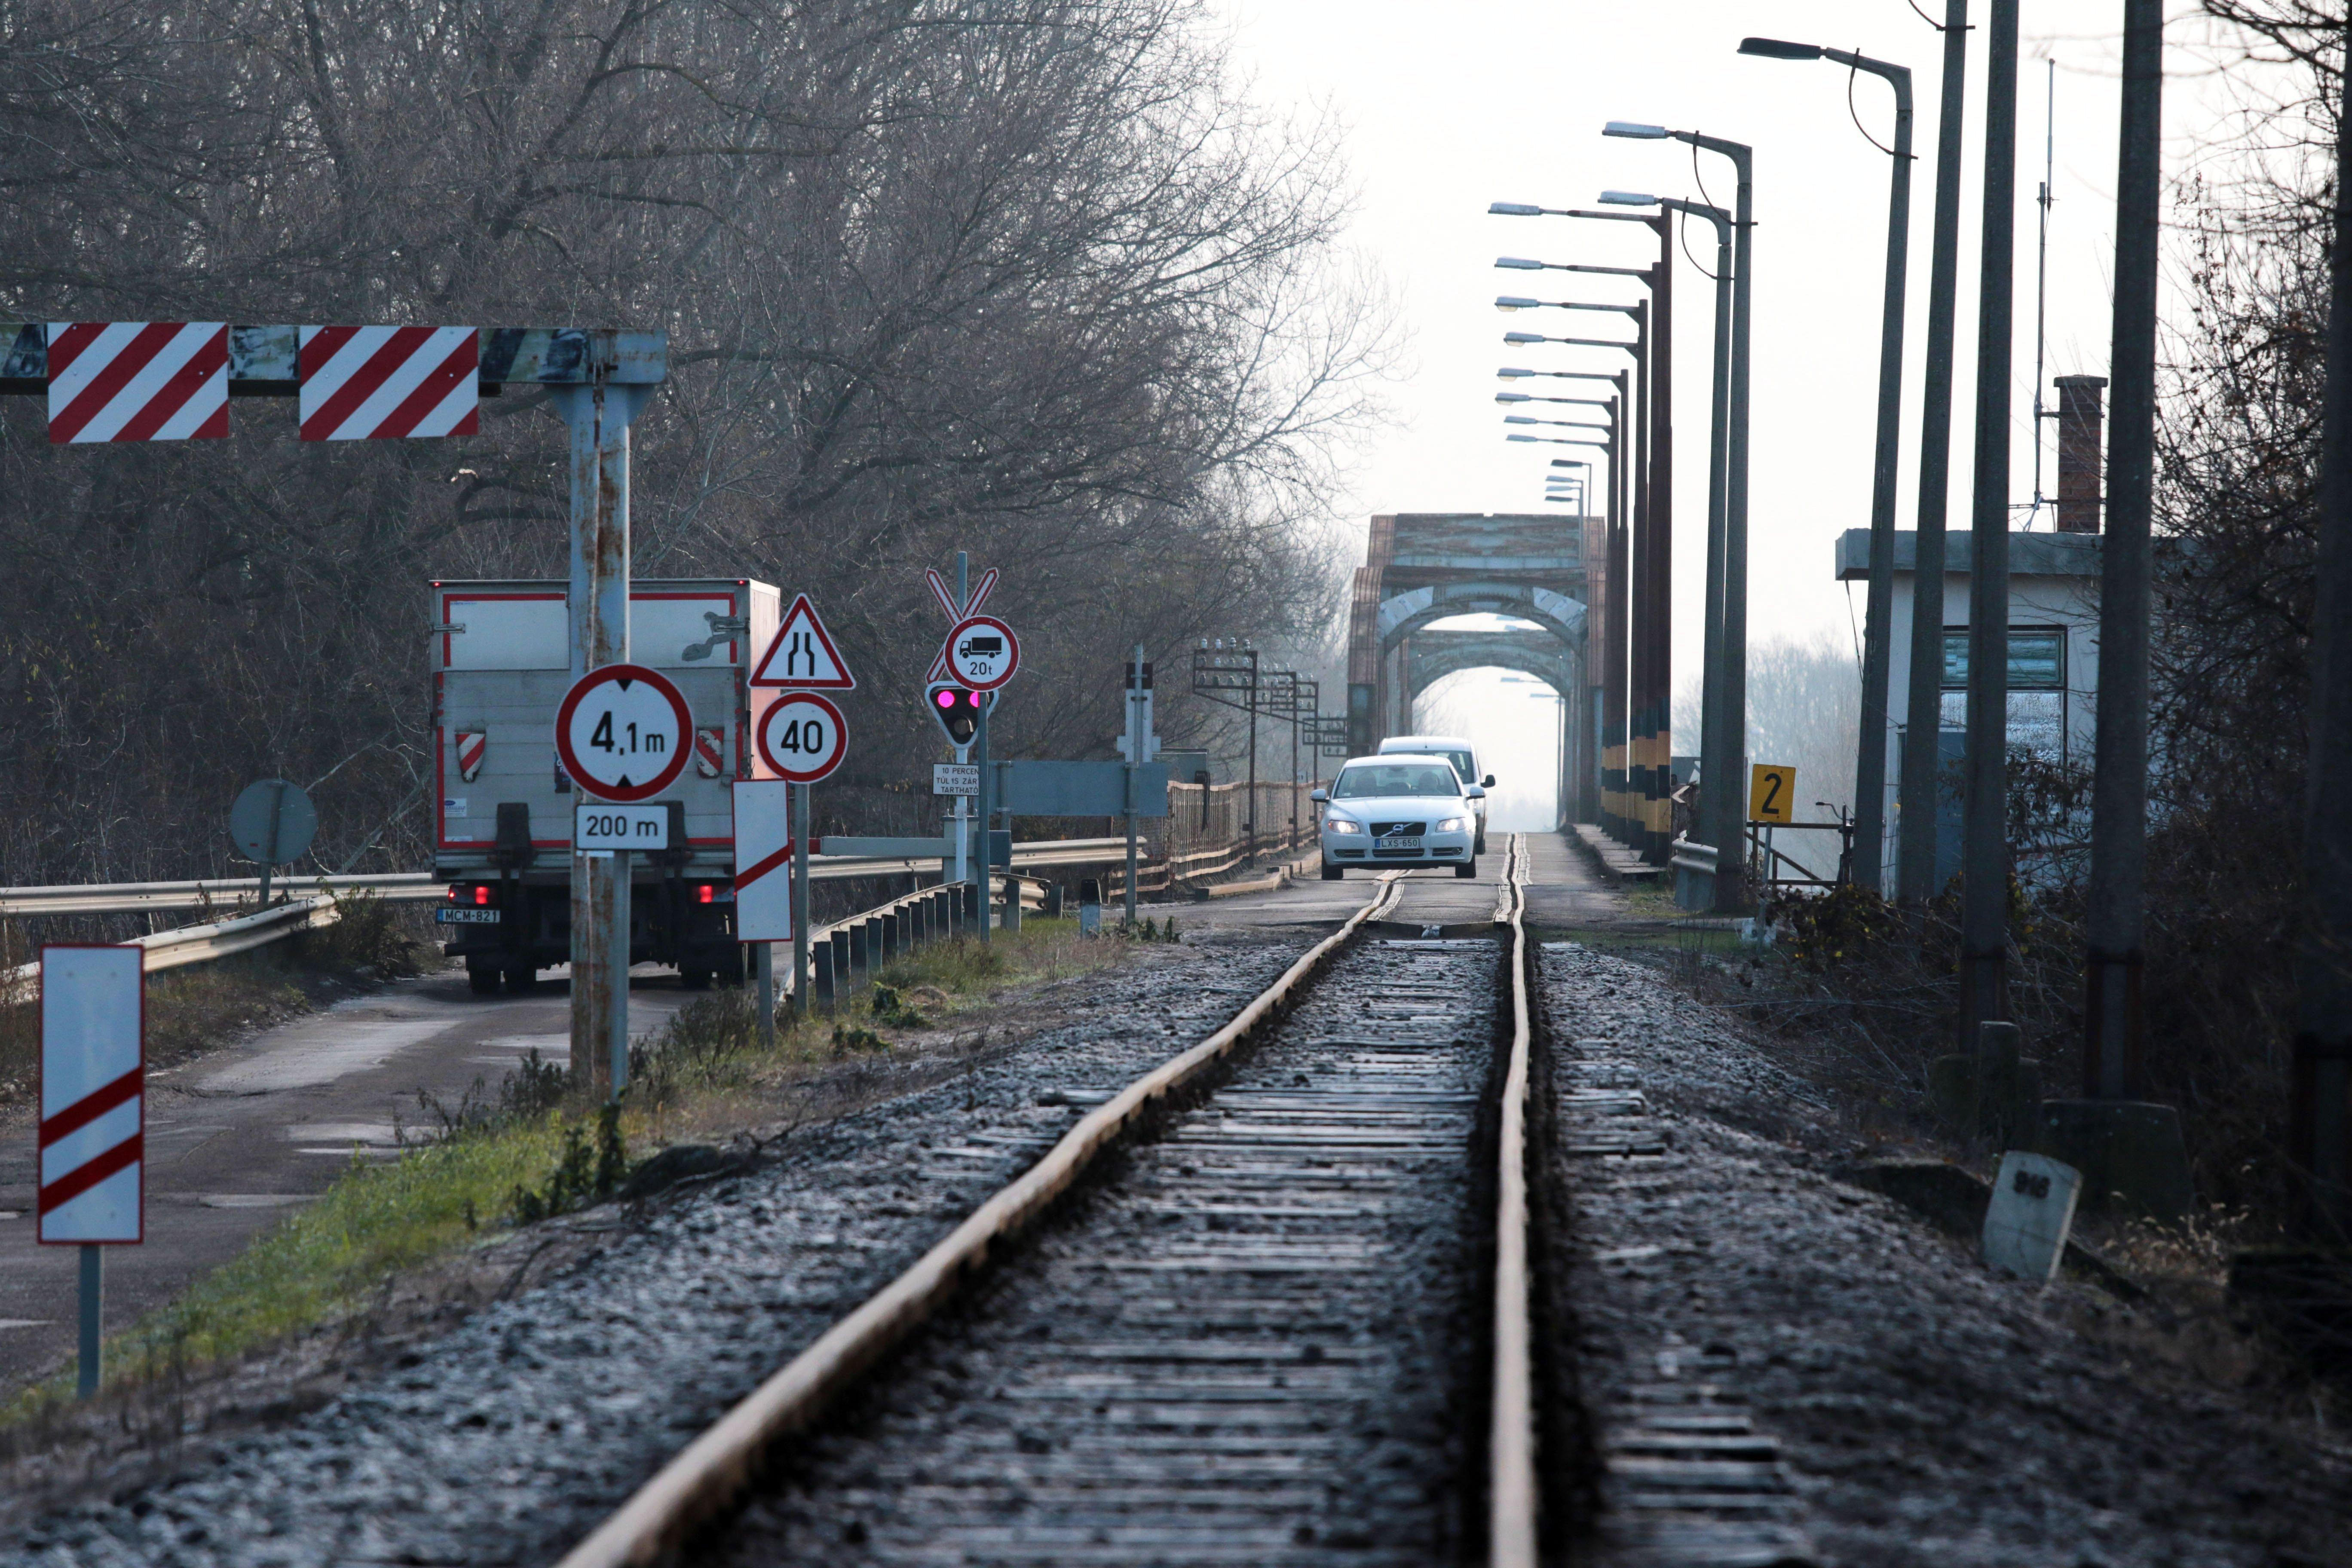 Földvárnál kiugrott egy utas a vonatból, akár másfél órát is késhetnek a balatoni járatok